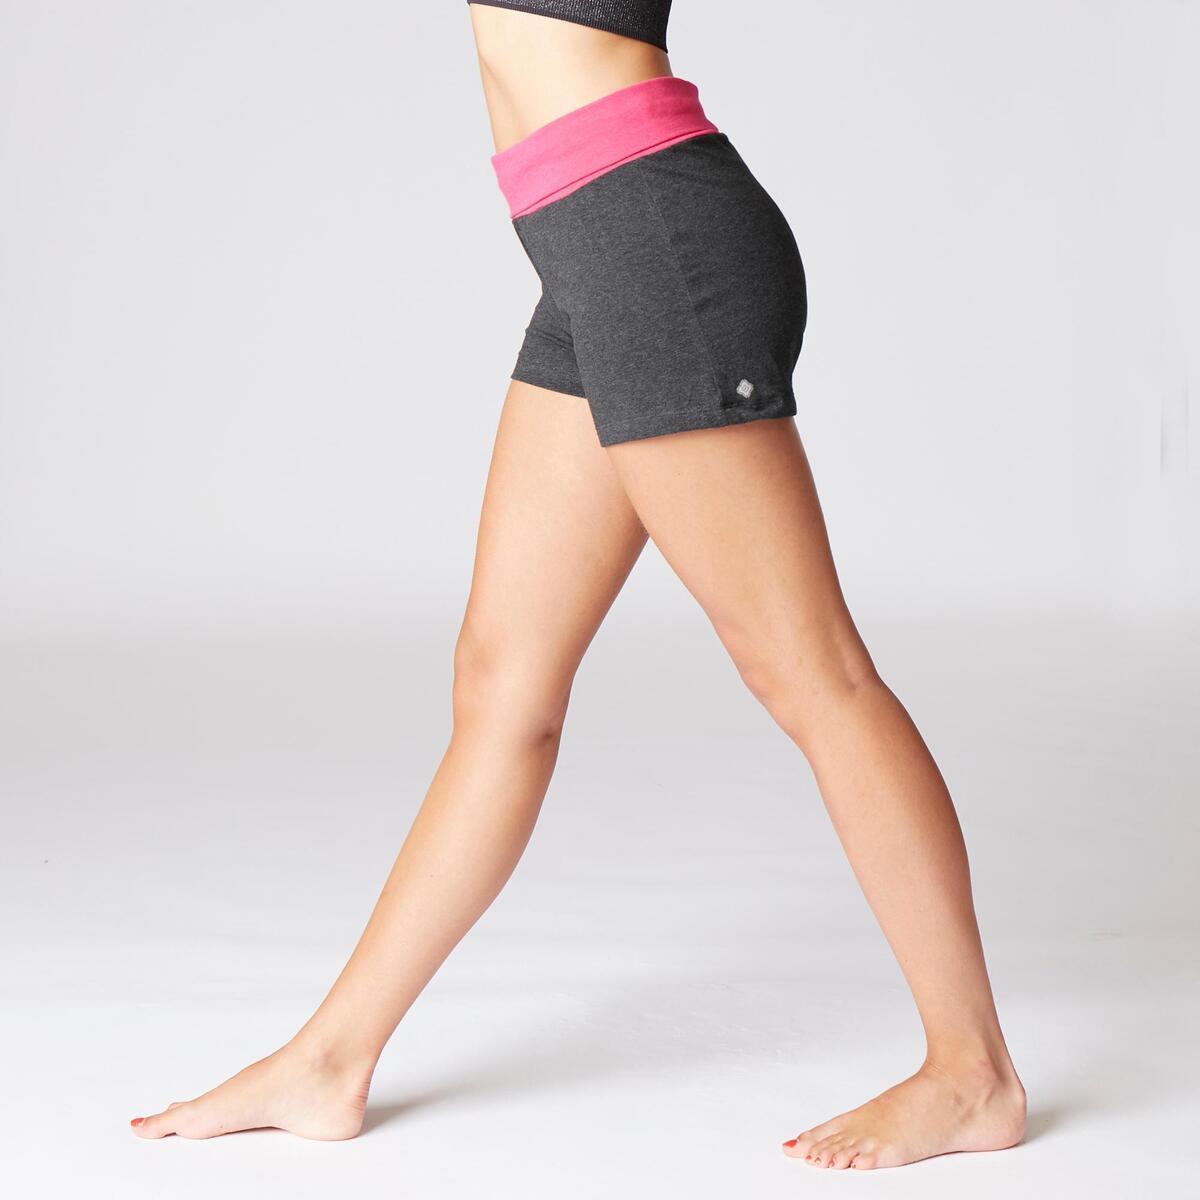 Bild 5 von Shorts sanftes Yoga Baumwolle aus biologischem Anbau Damen grau/rosa